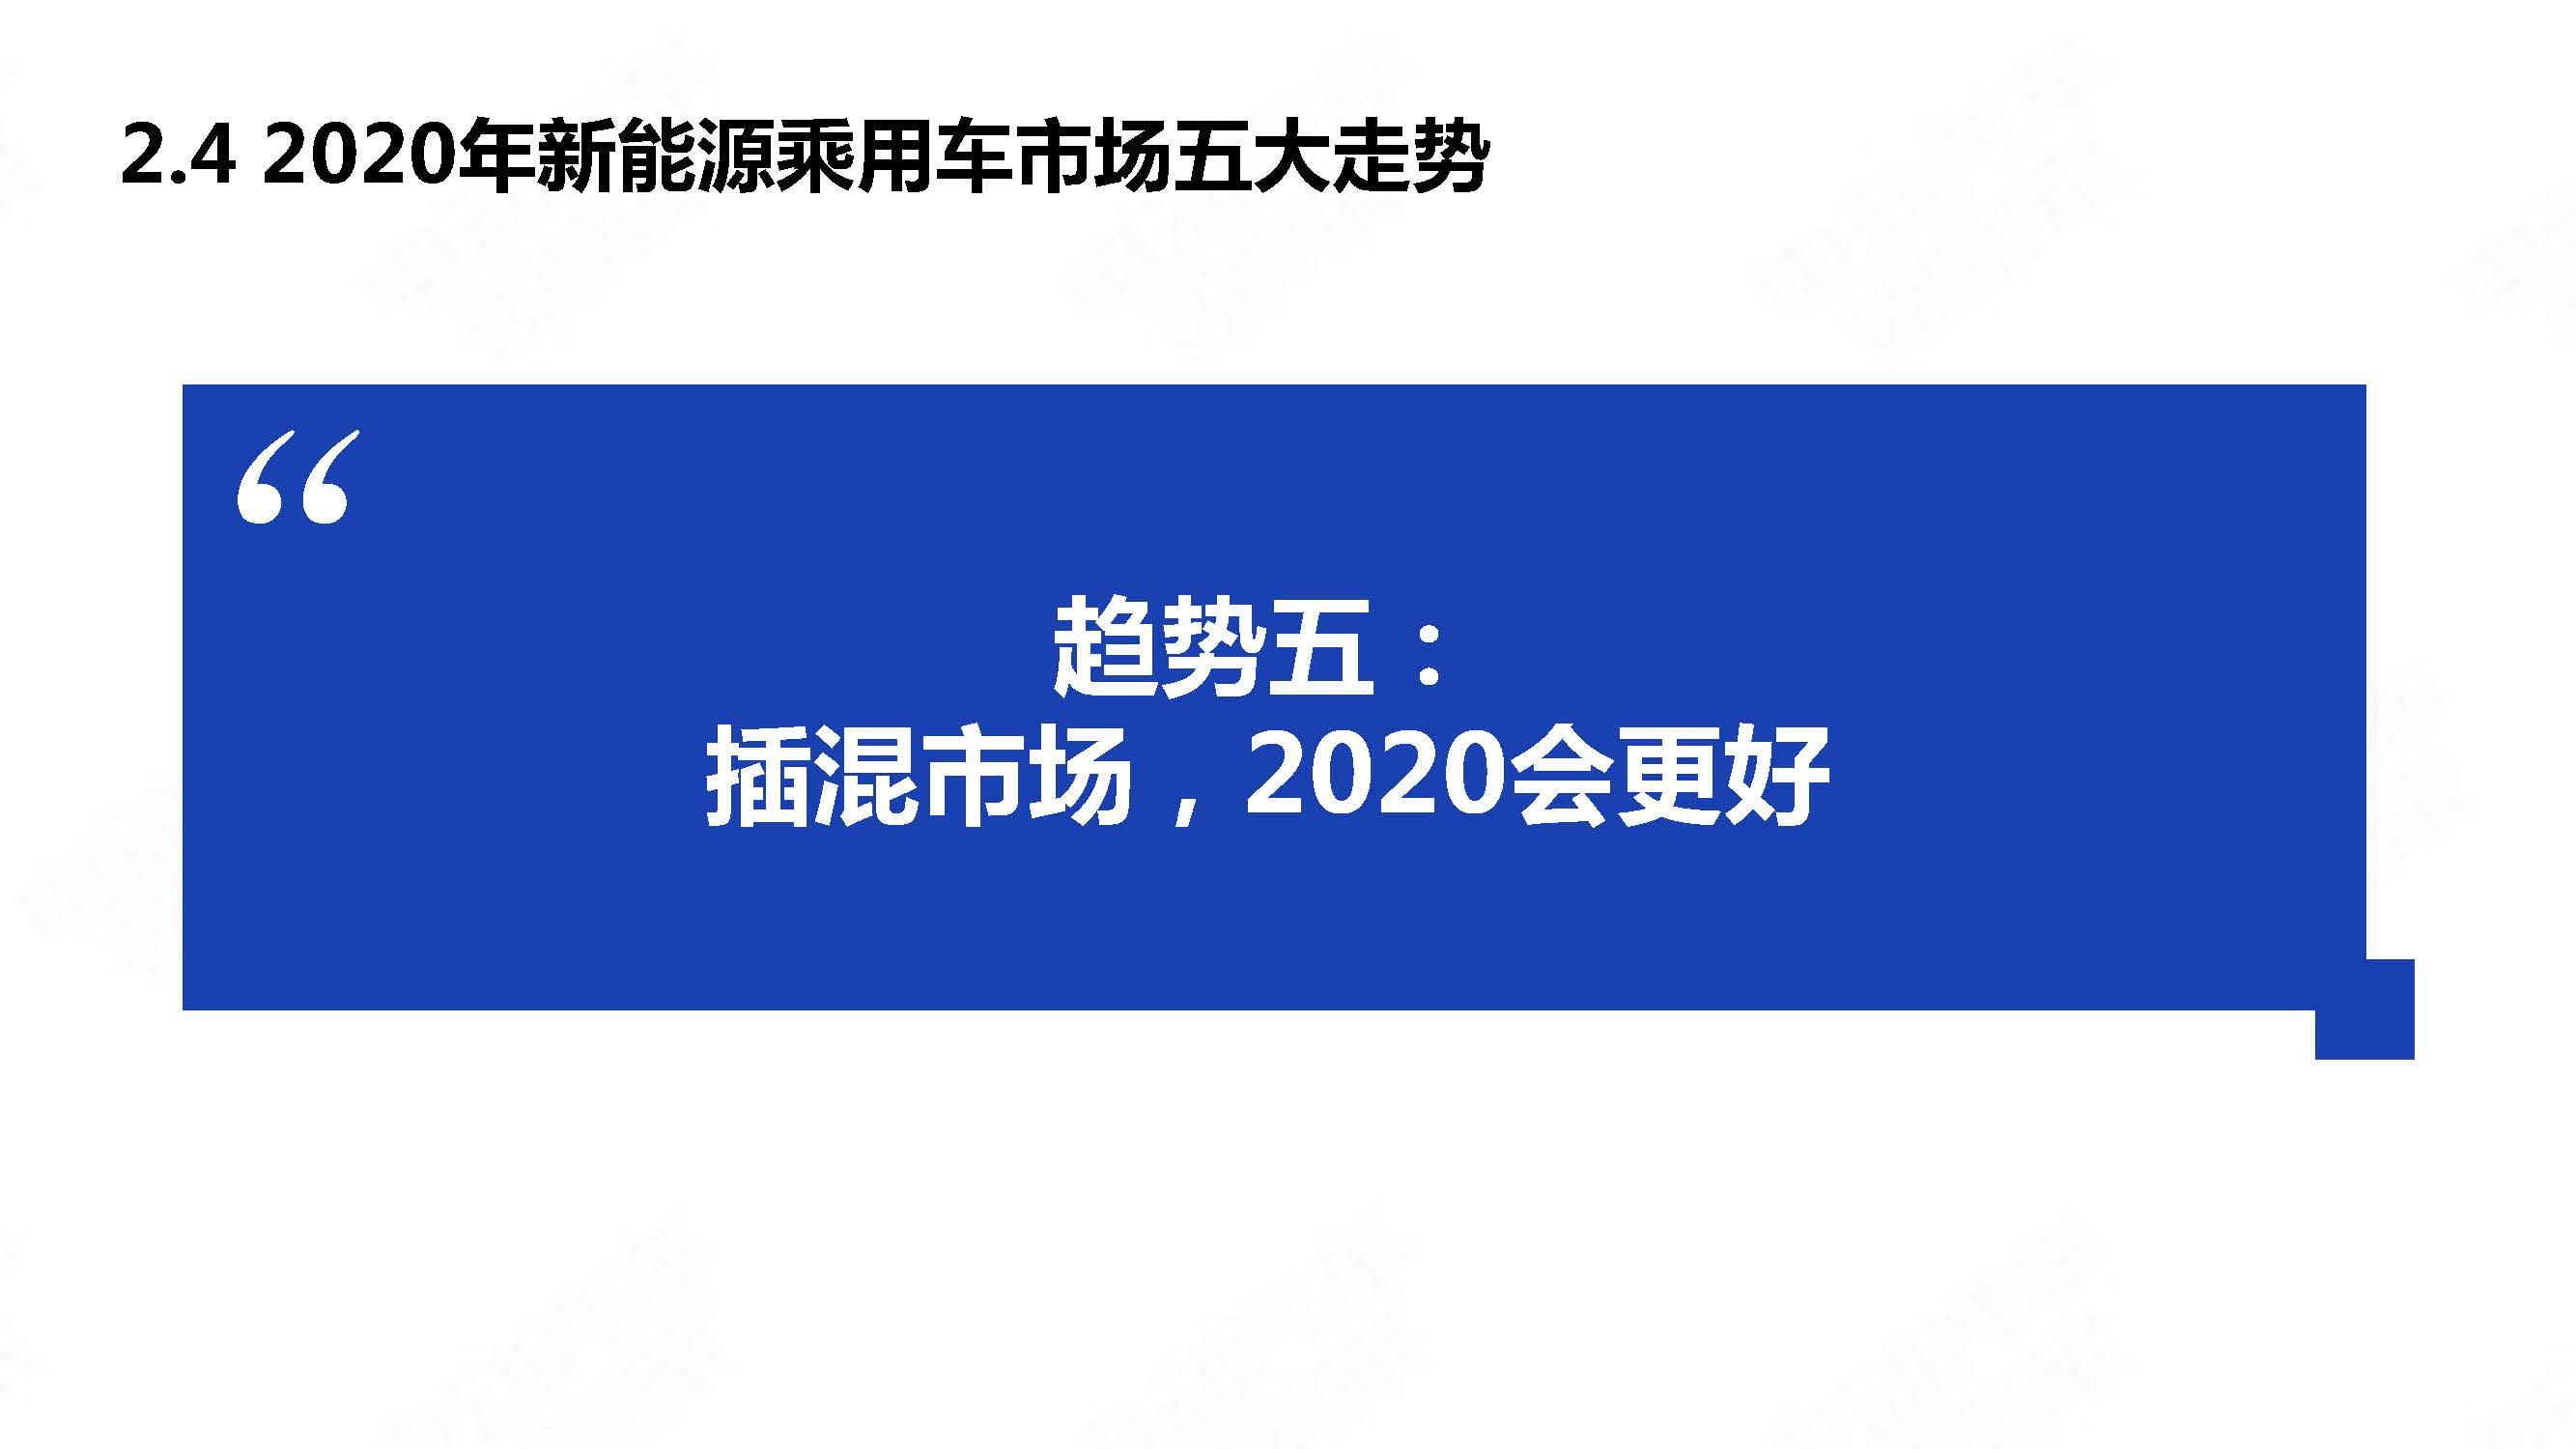 中国新能源汽车产业年度观察2020 简版_页面_23